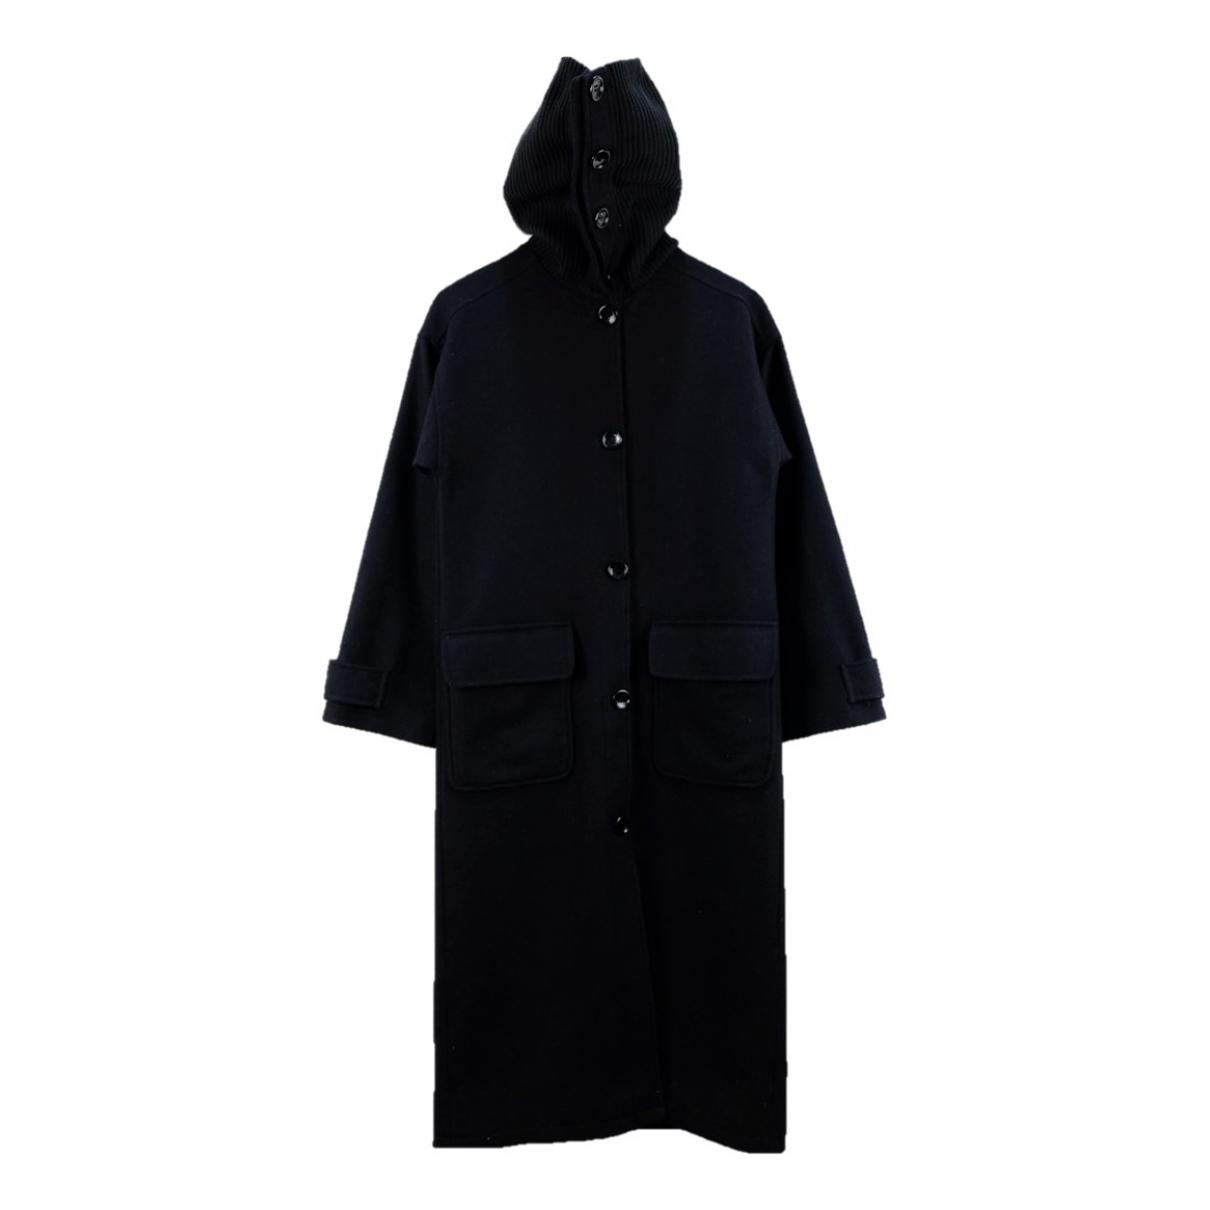 D&g - Manteau   pour homme en laine - noir